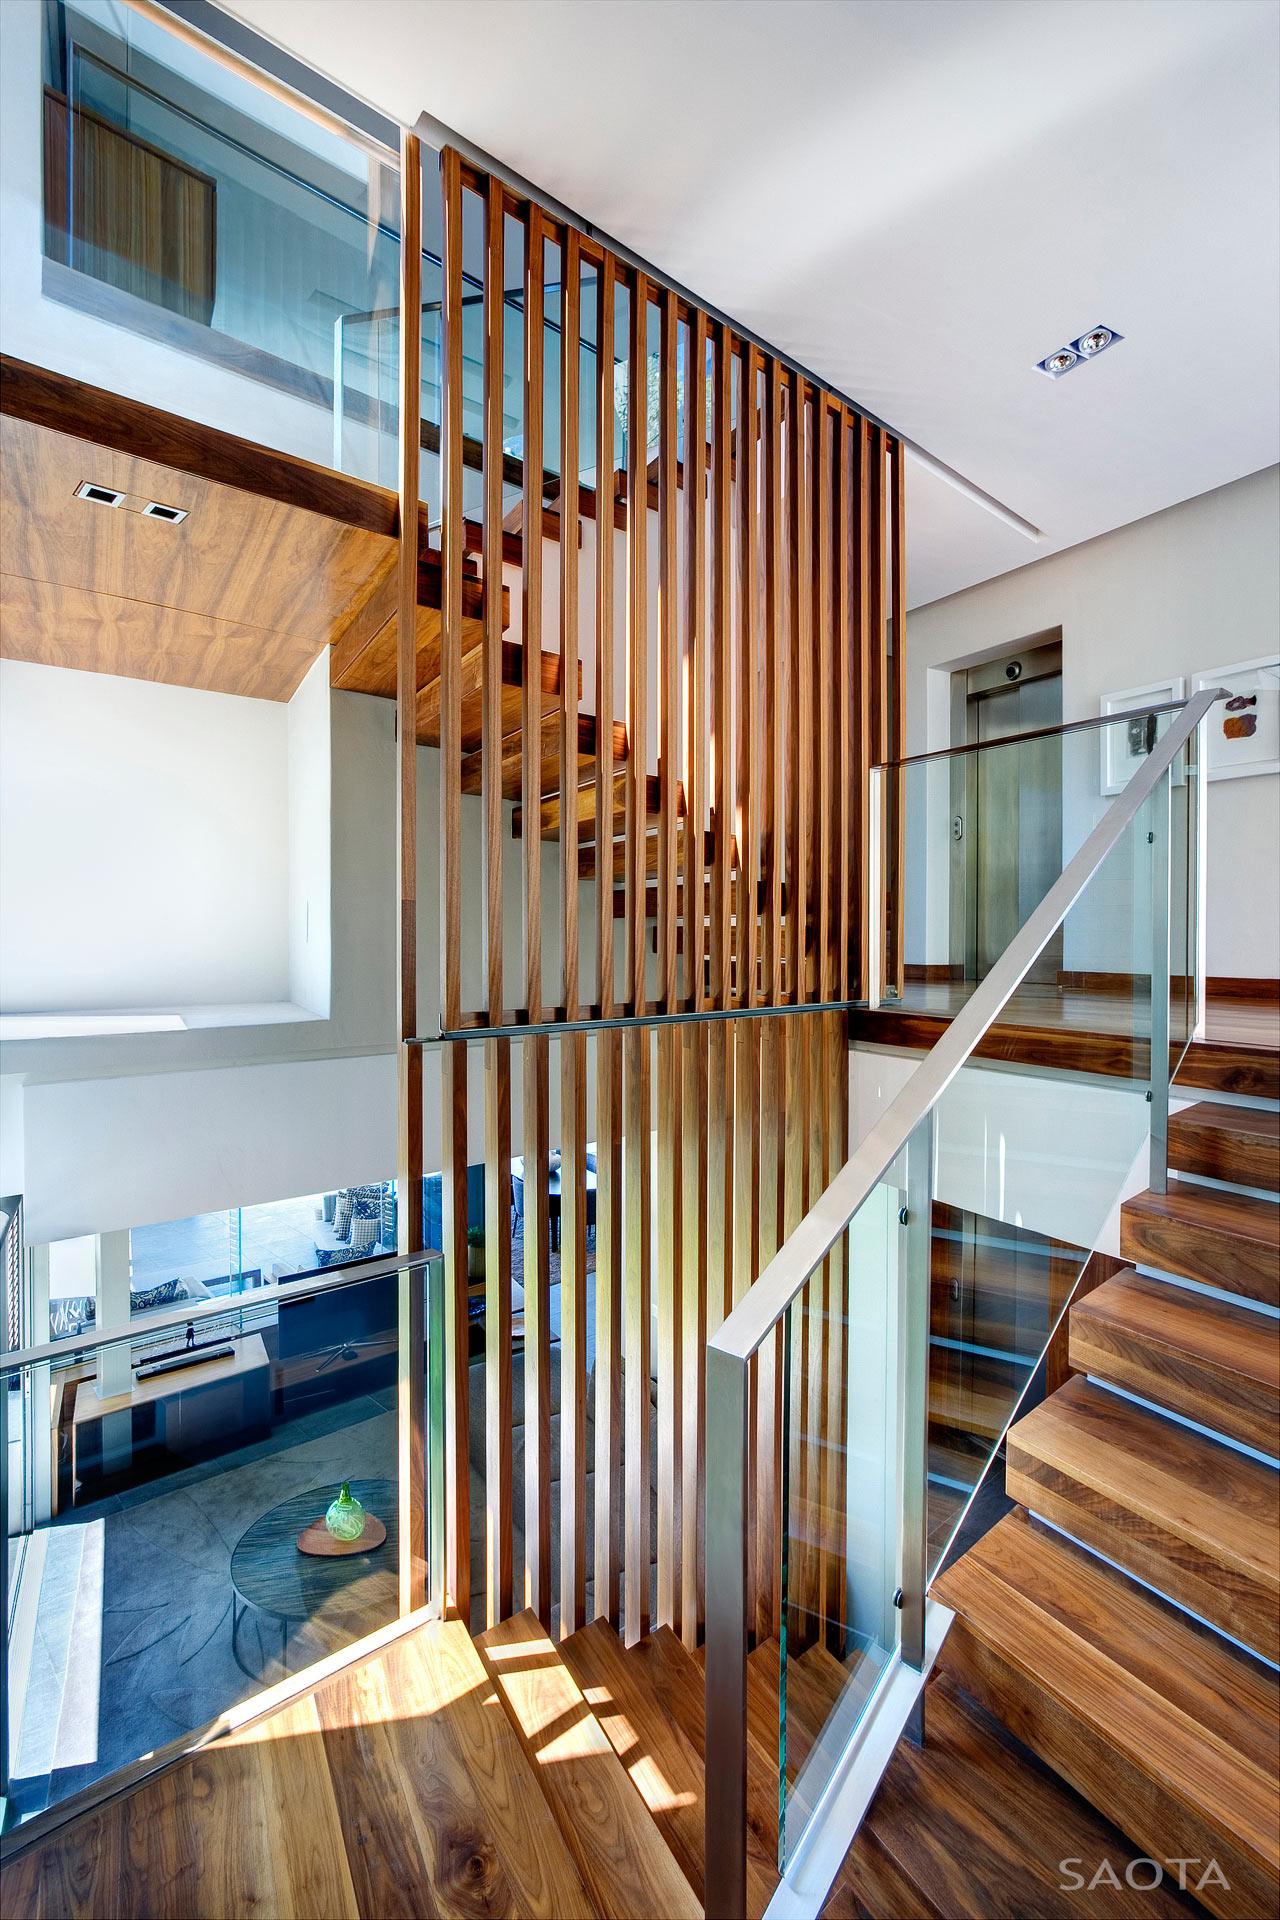 SAOTA-H1816-House-12-Stair